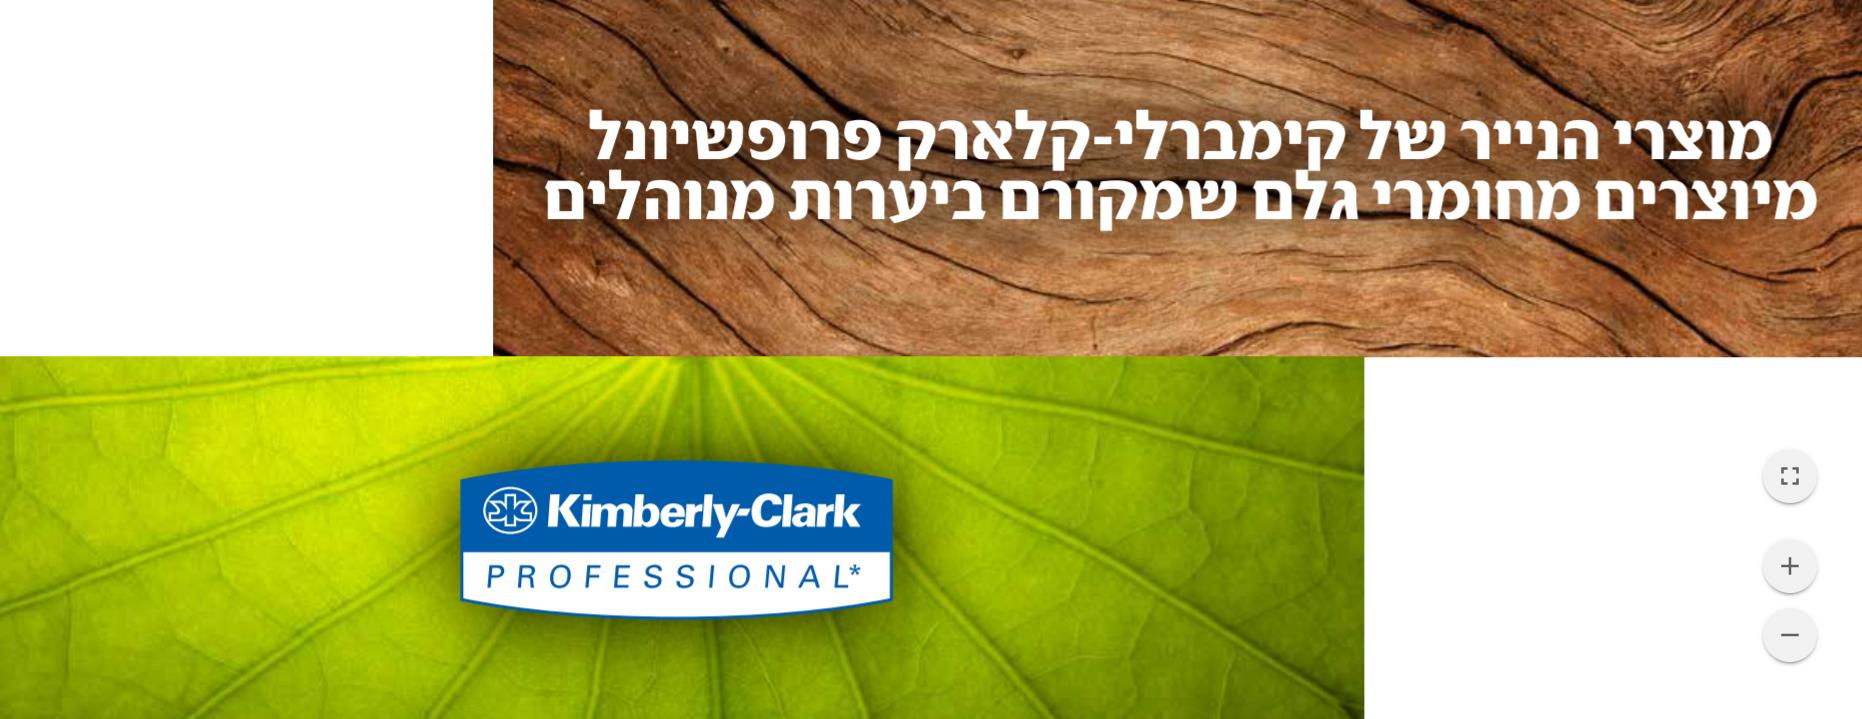 מוצרי הנייר של קימברלי קלארק פרופשיונלל מיוצרים מחומרי גלם שמקורים ביערות מנוהלים